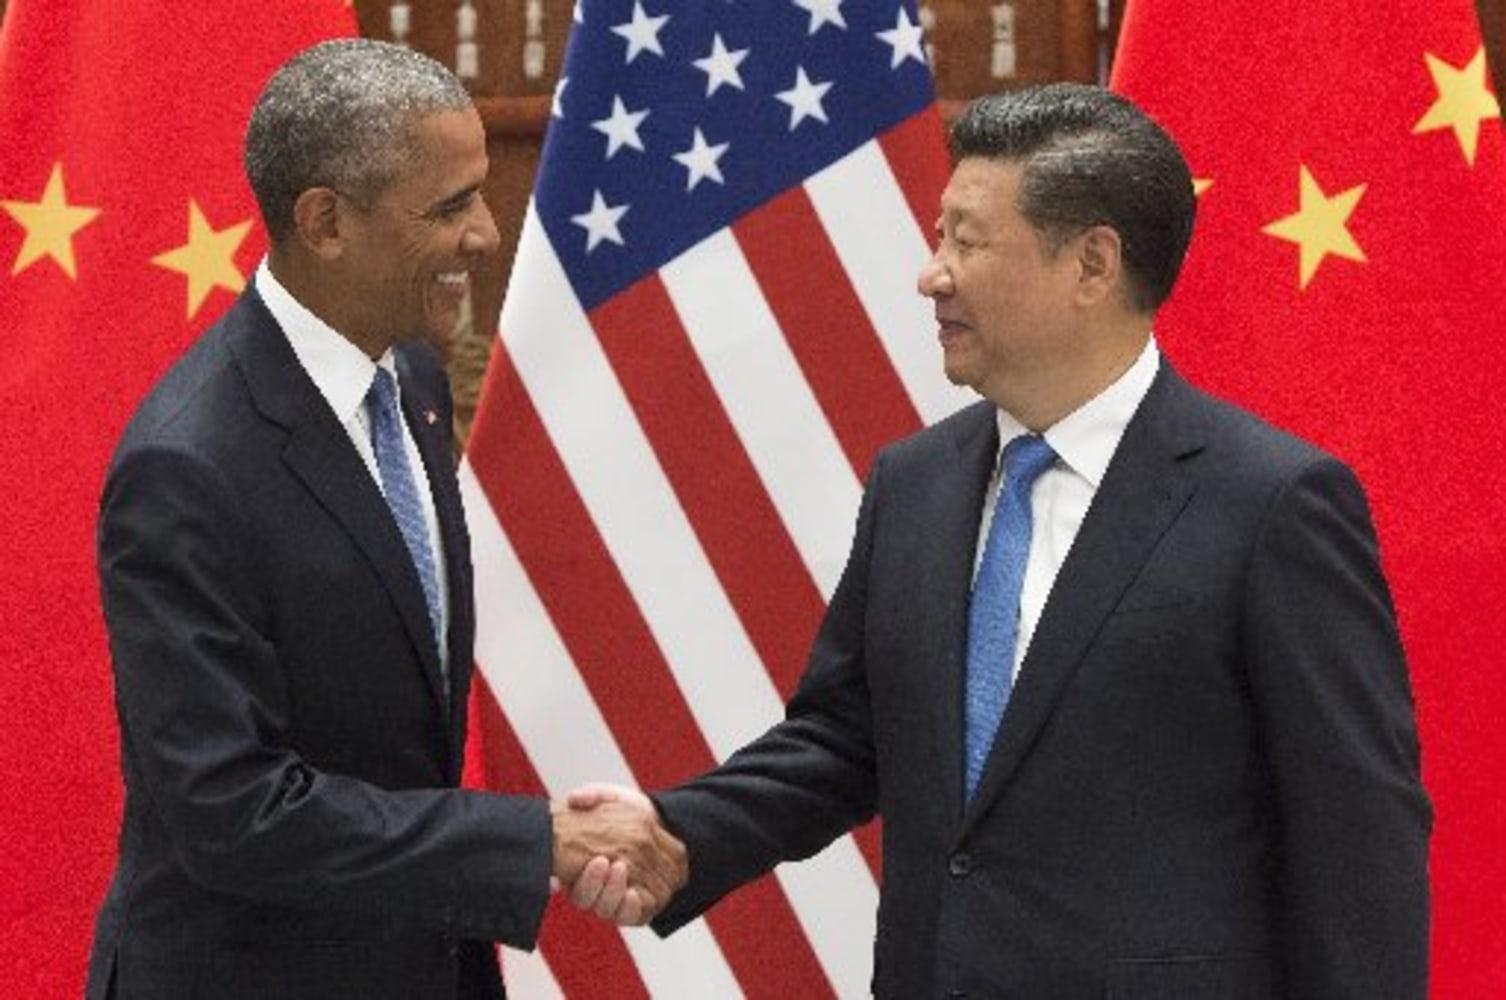 Warmists rejoice: 'Breakthrough as US & China agree to ratify UN Paris climate deal'